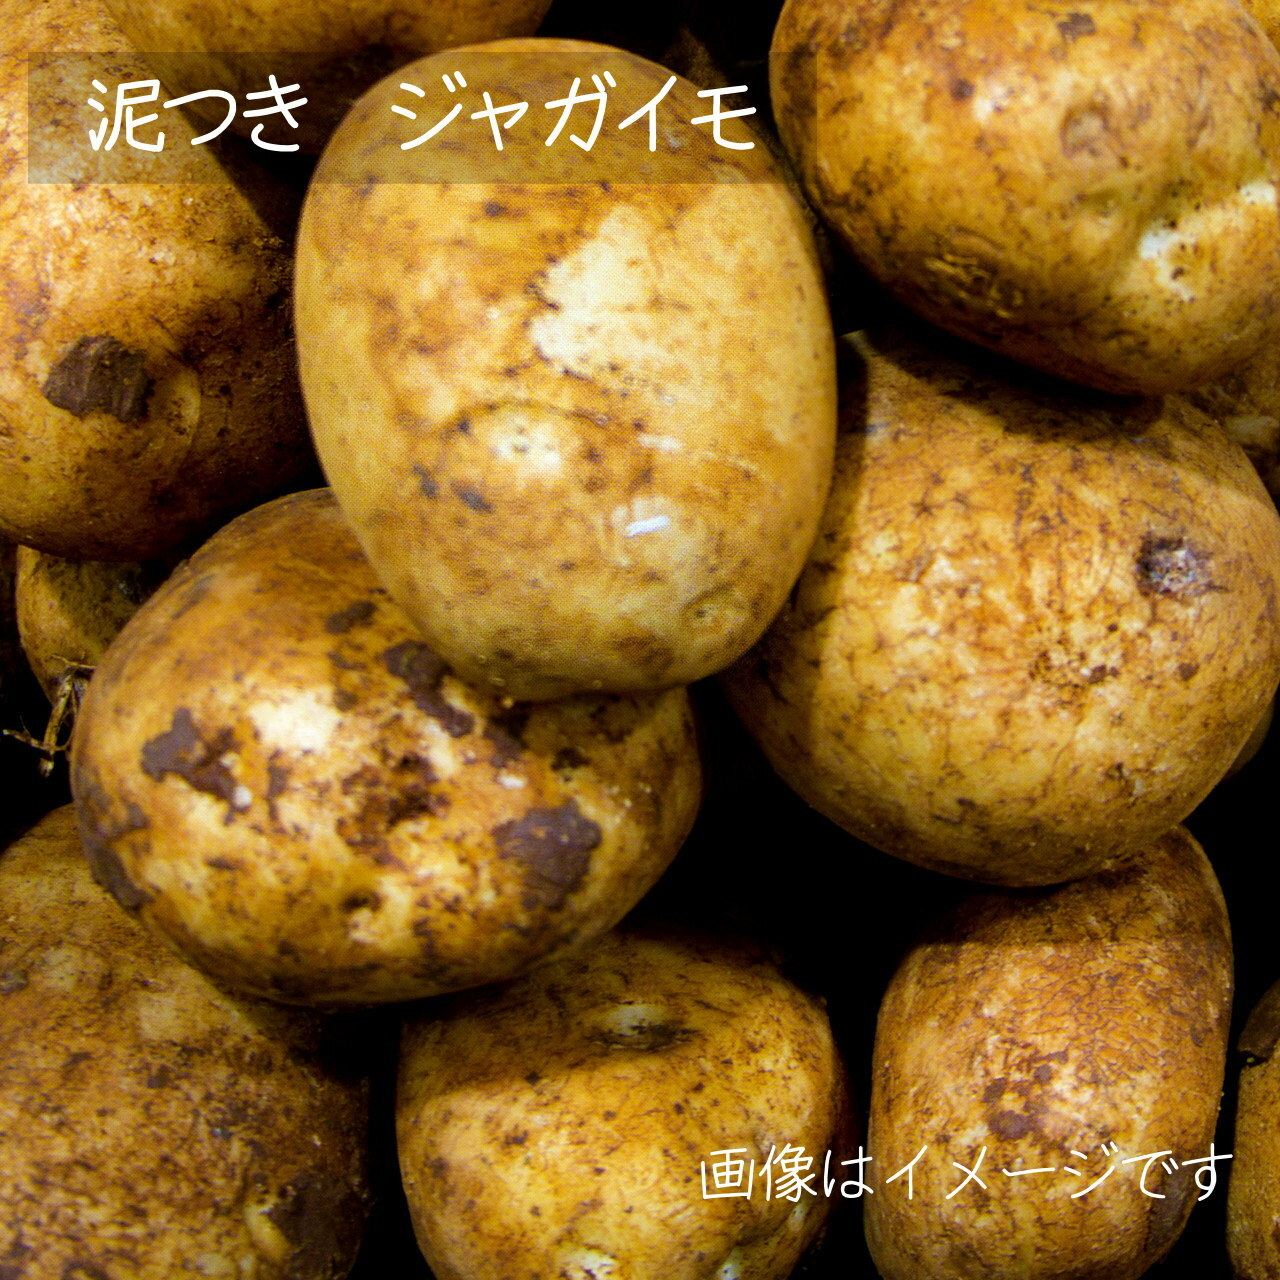 ジャガイモ 4~5個 5月の朝採り直売野菜 5月11日発送予定